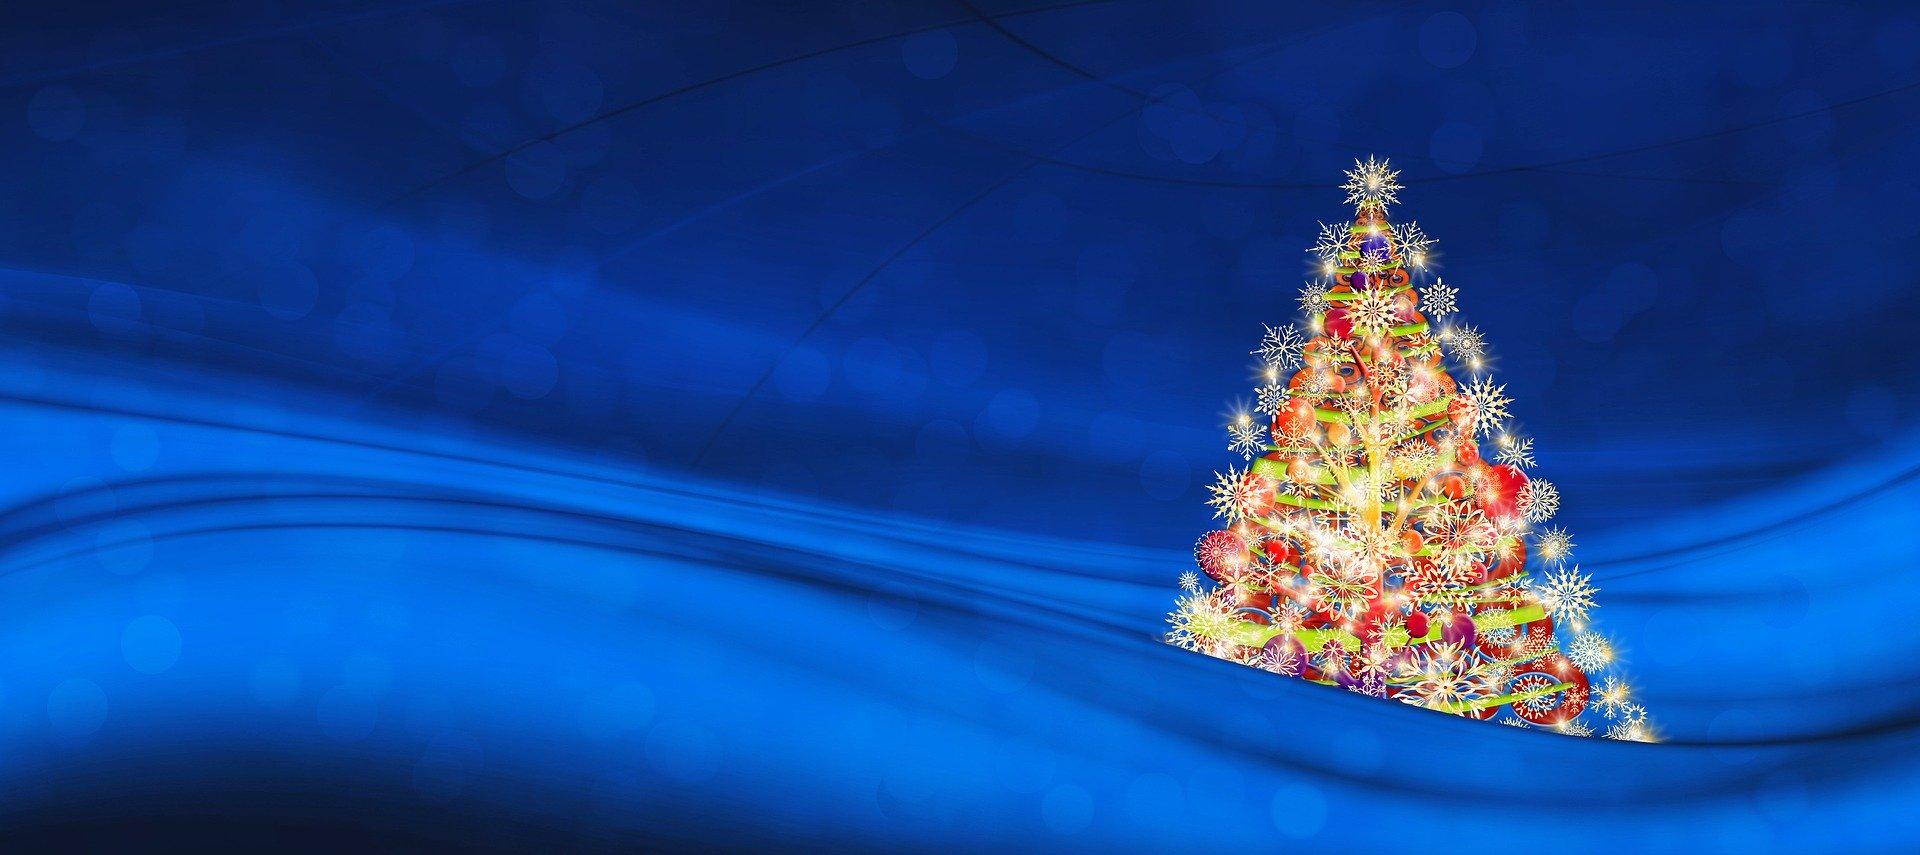 Albero Di Natale Pagano.L Albero Di Natale La Storia E Le Origini Della Tradizione